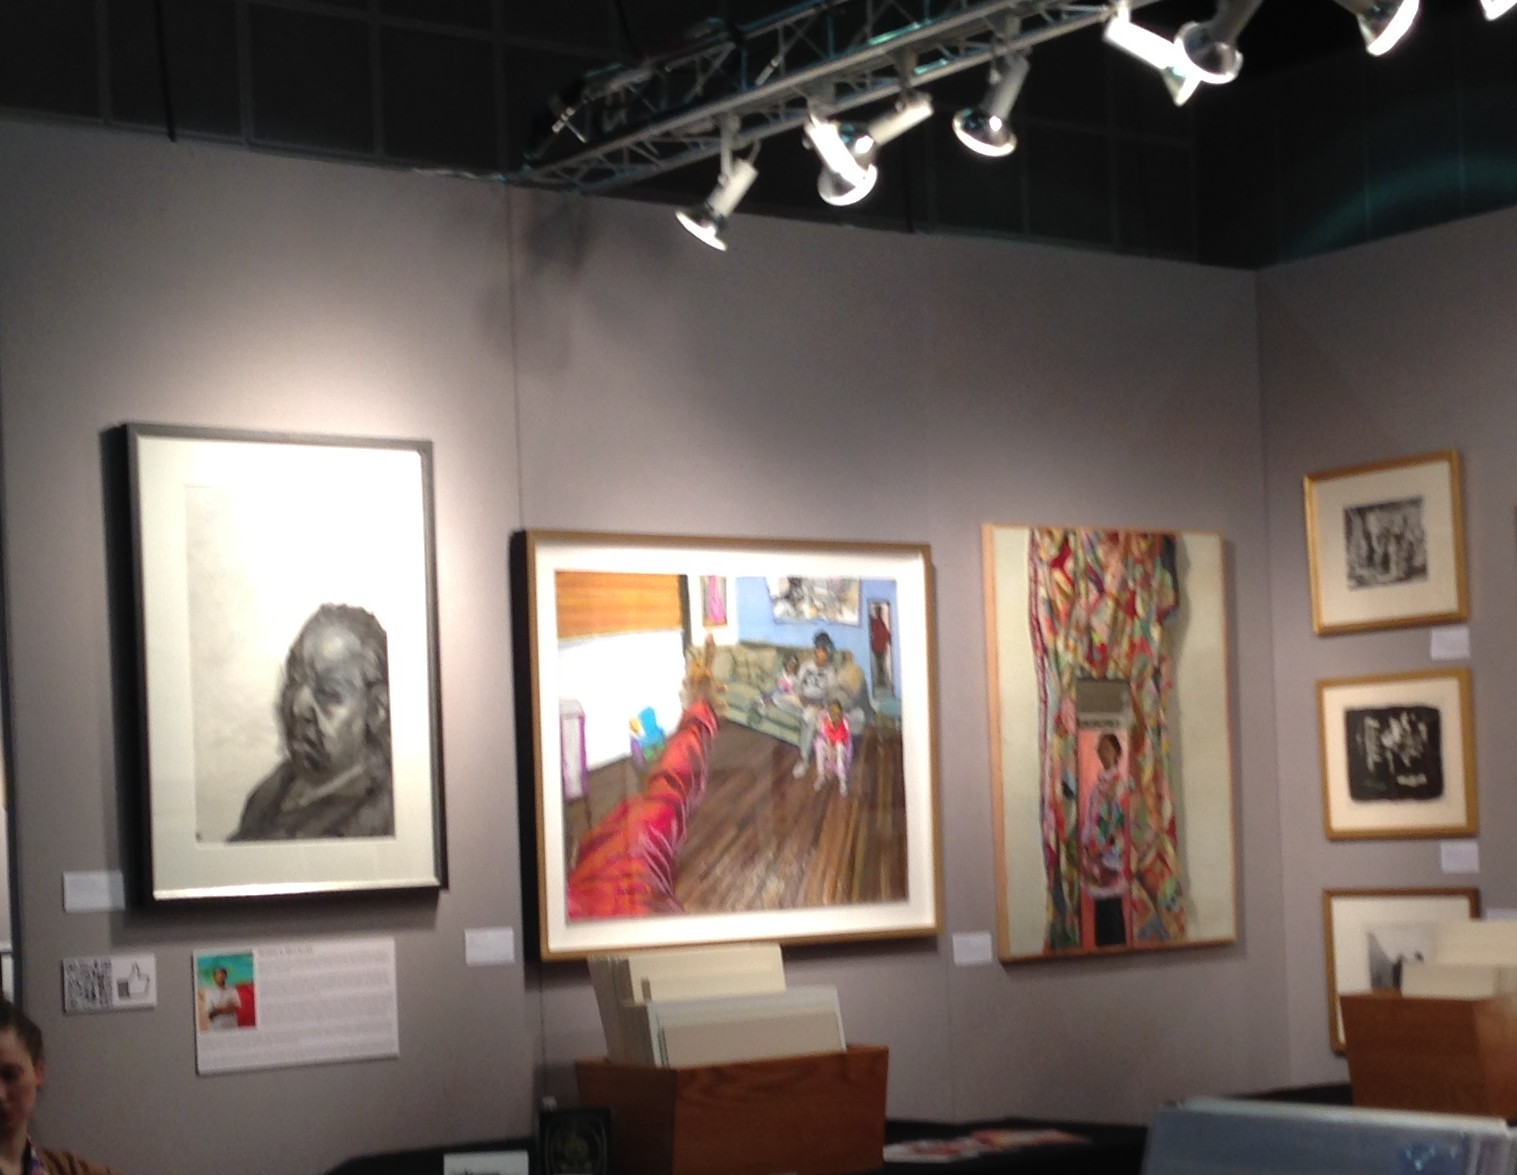 Sedrick Huckaby at Thomas French fine art1